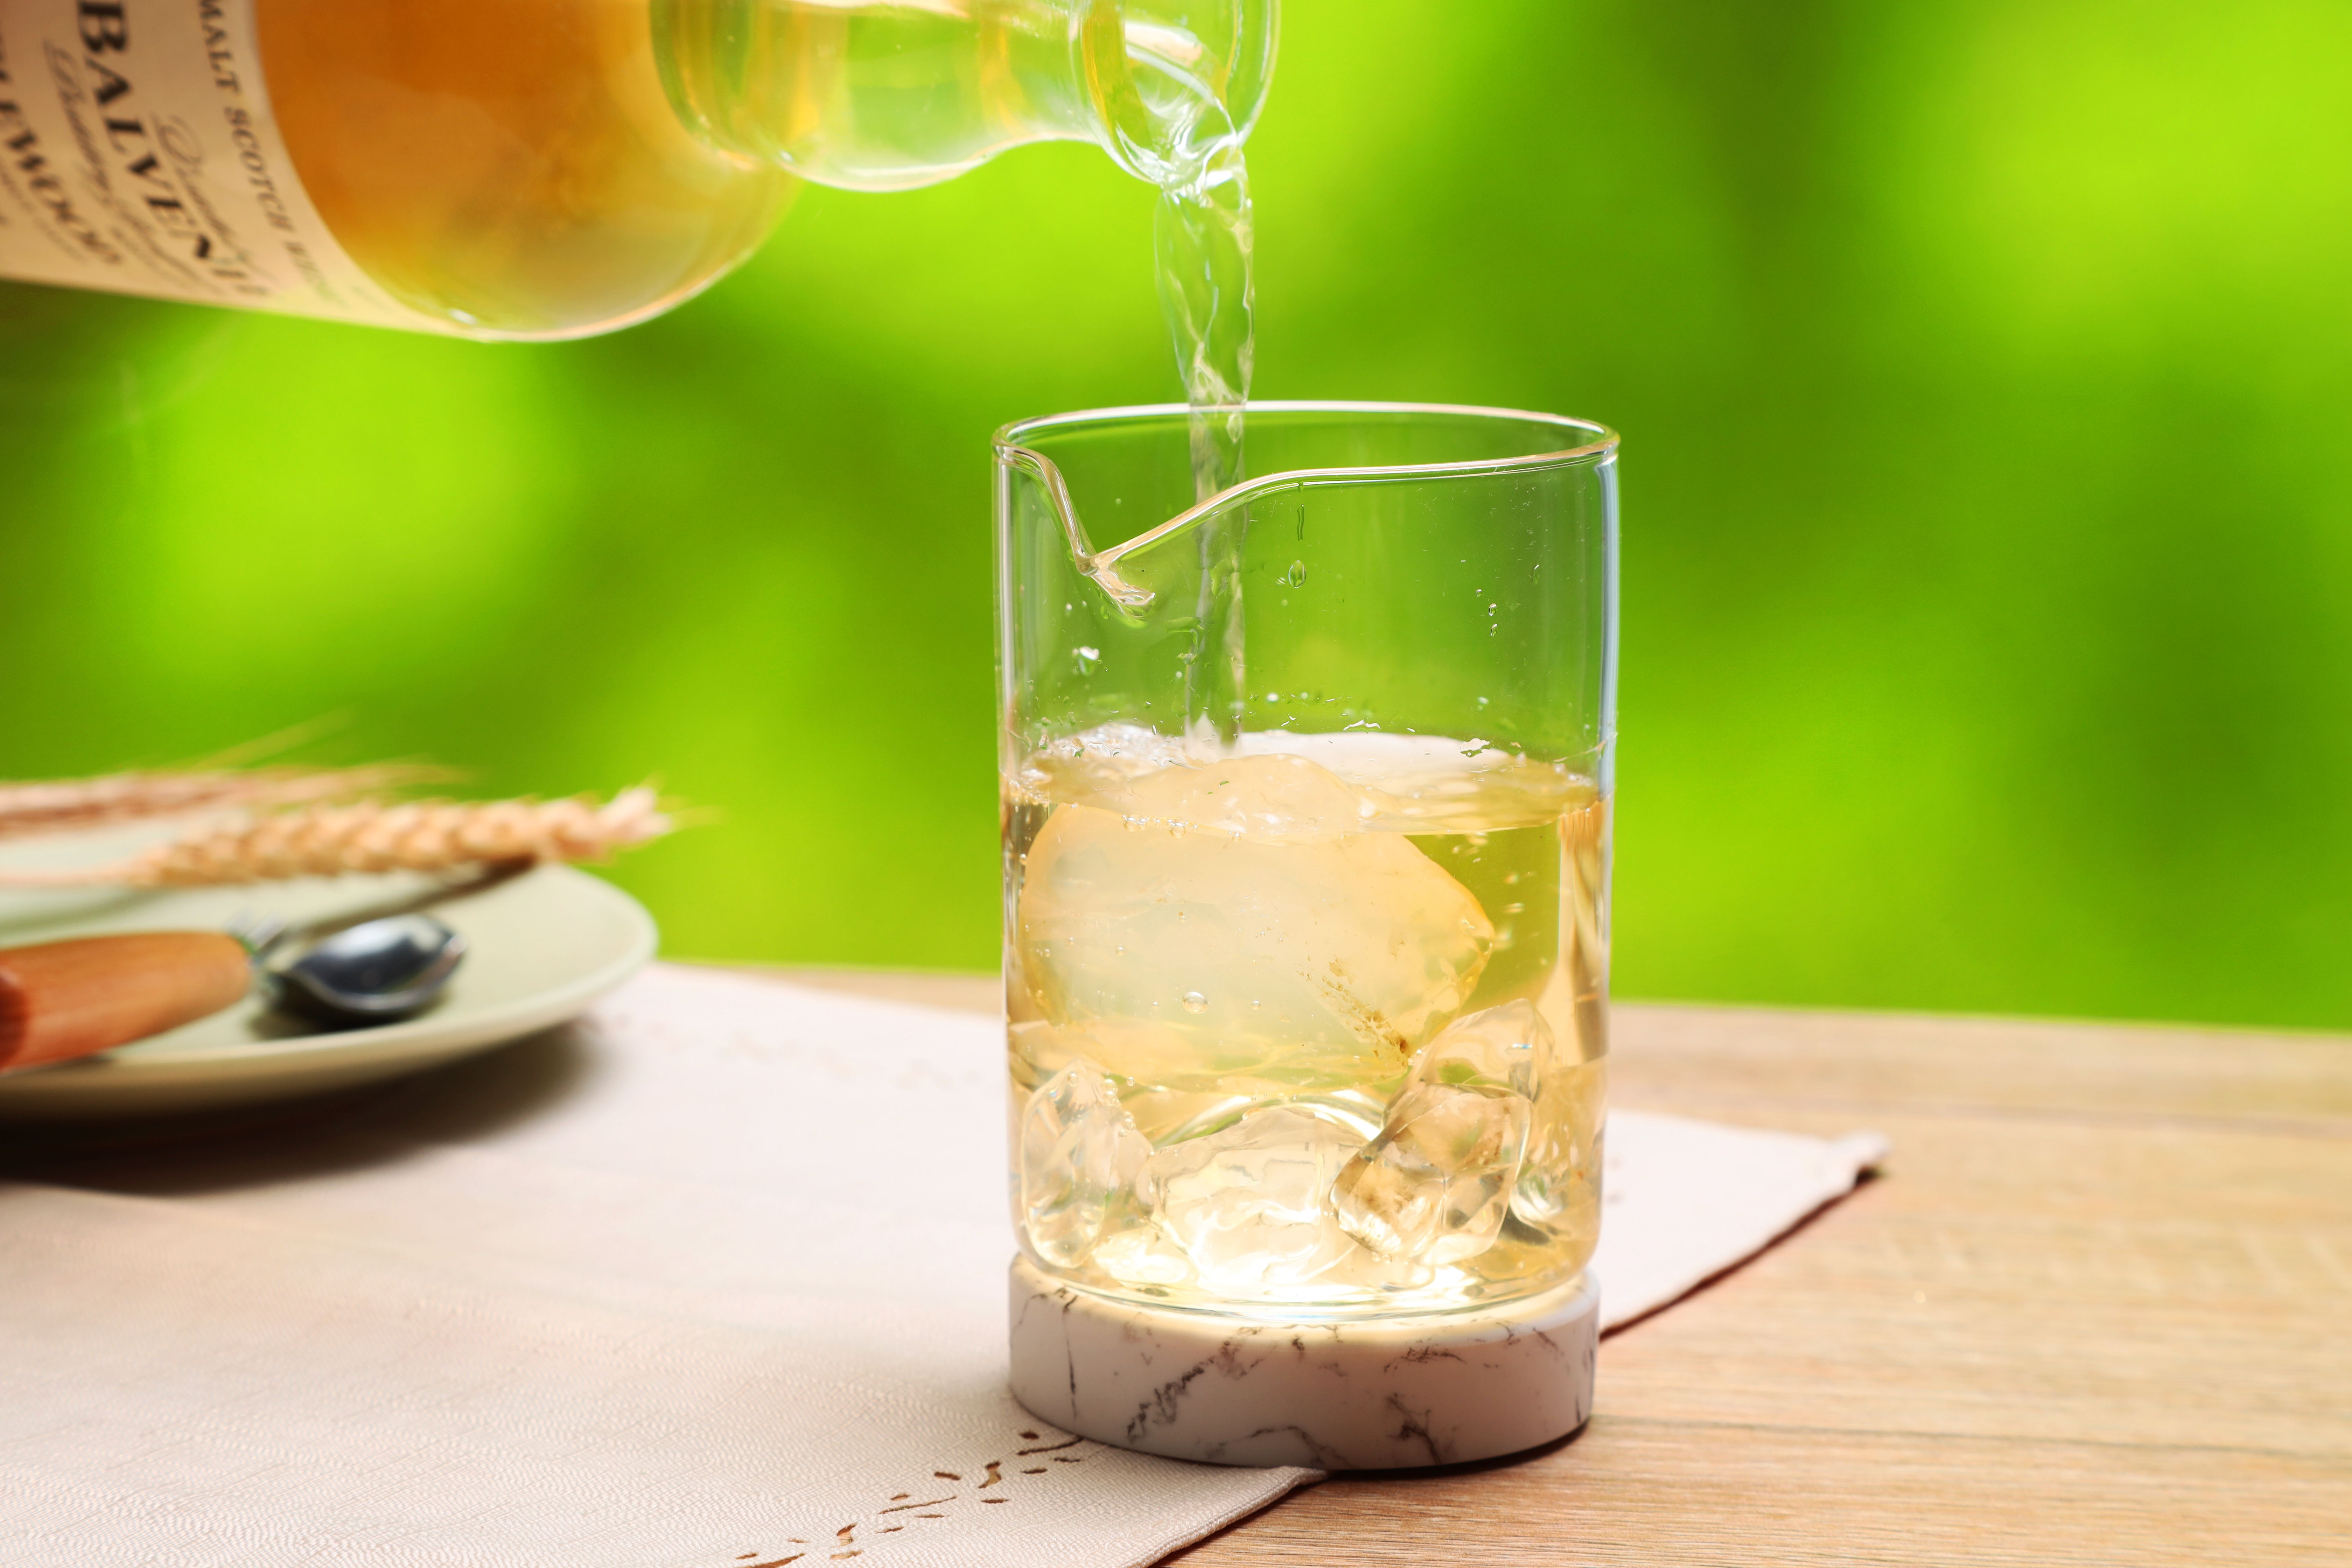 i-Pure【甘蔗杯杯】 - 酒品 / 咖啡 / 茶 - 多功能醒酒杯   3秒立即改變飲品口感